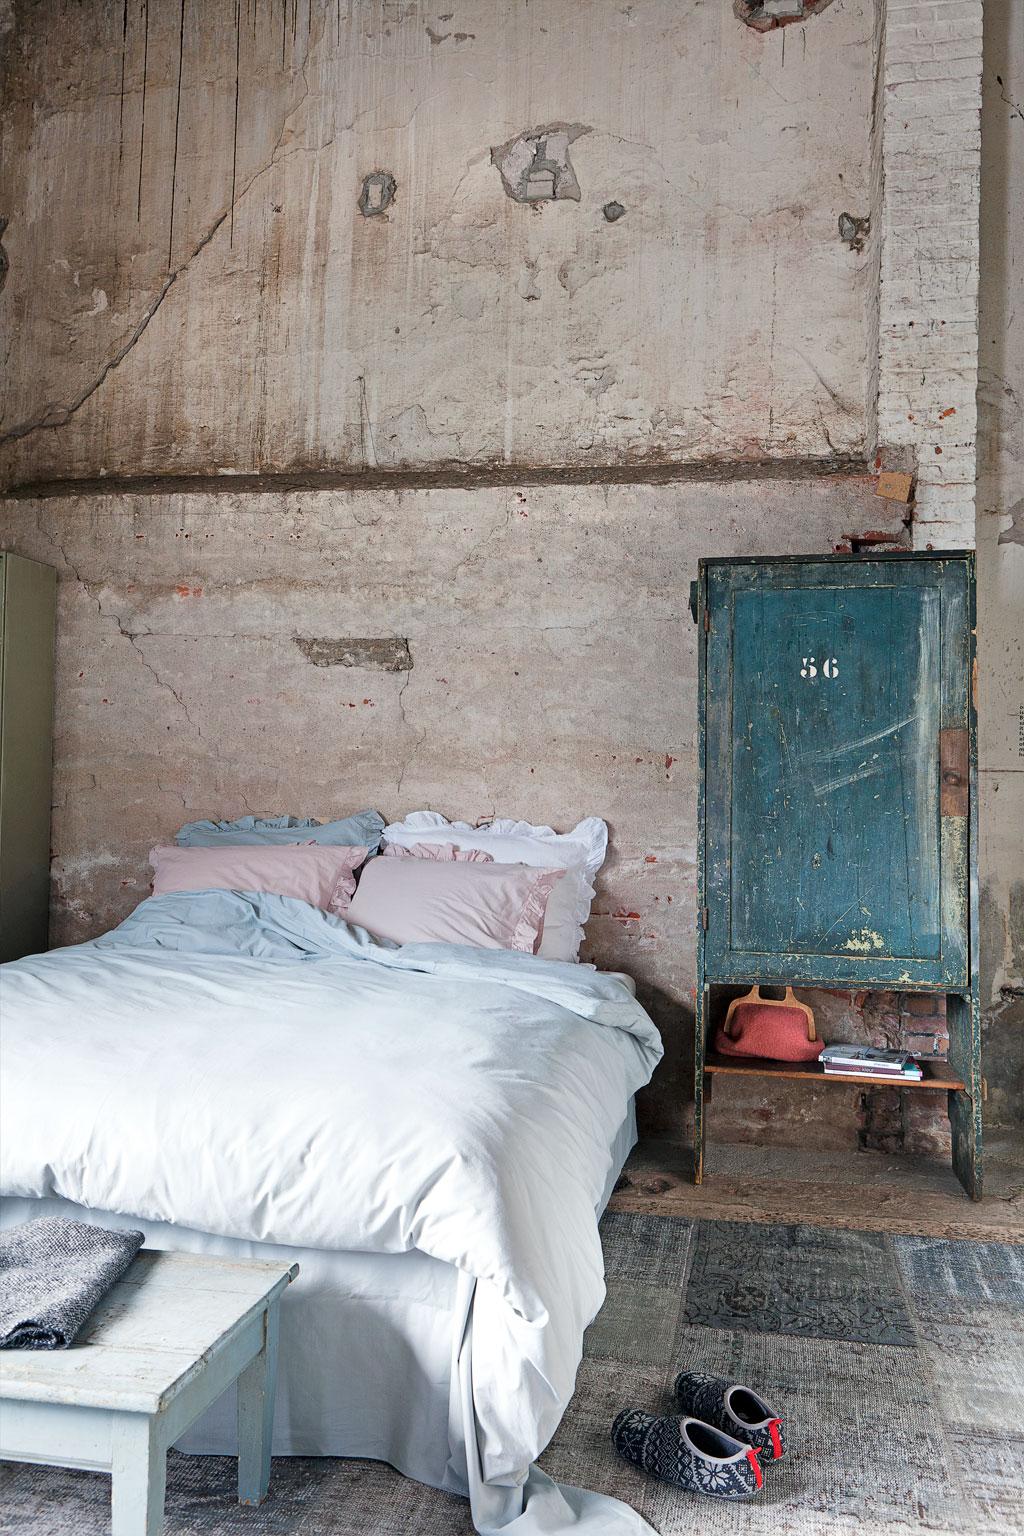 Pinspiratie: 5 slaapkamers die populair zijn op pinterest • archana.nl